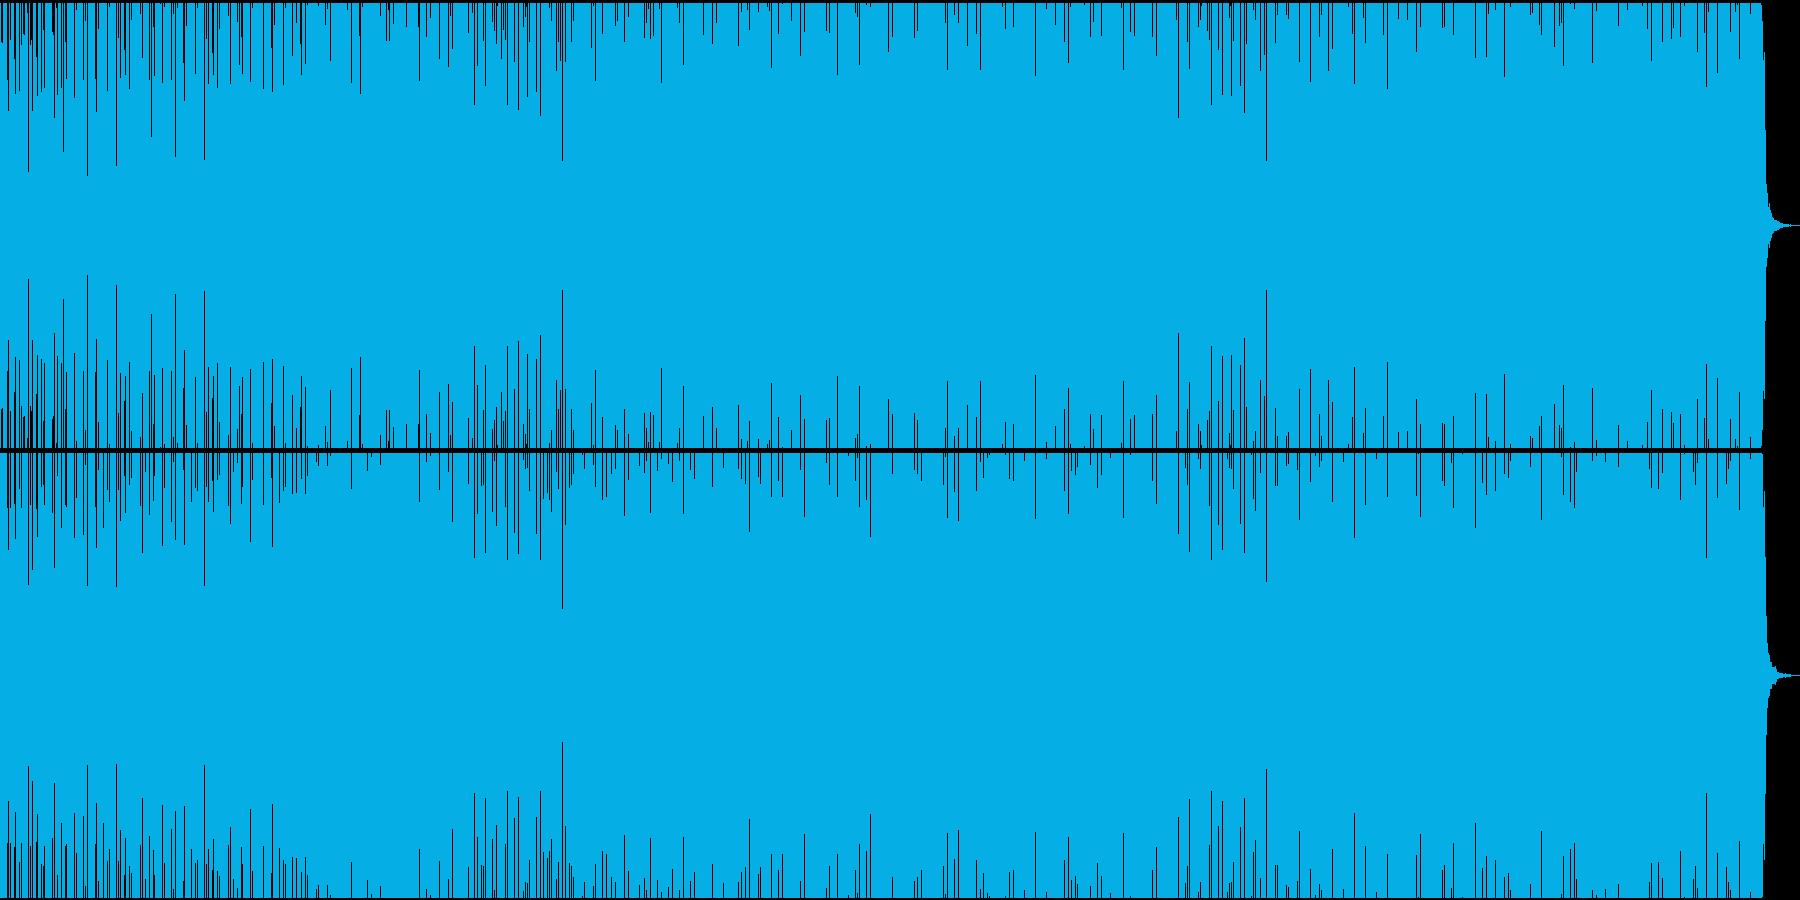 モチベーション・ワークアウト・リズミカルの再生済みの波形